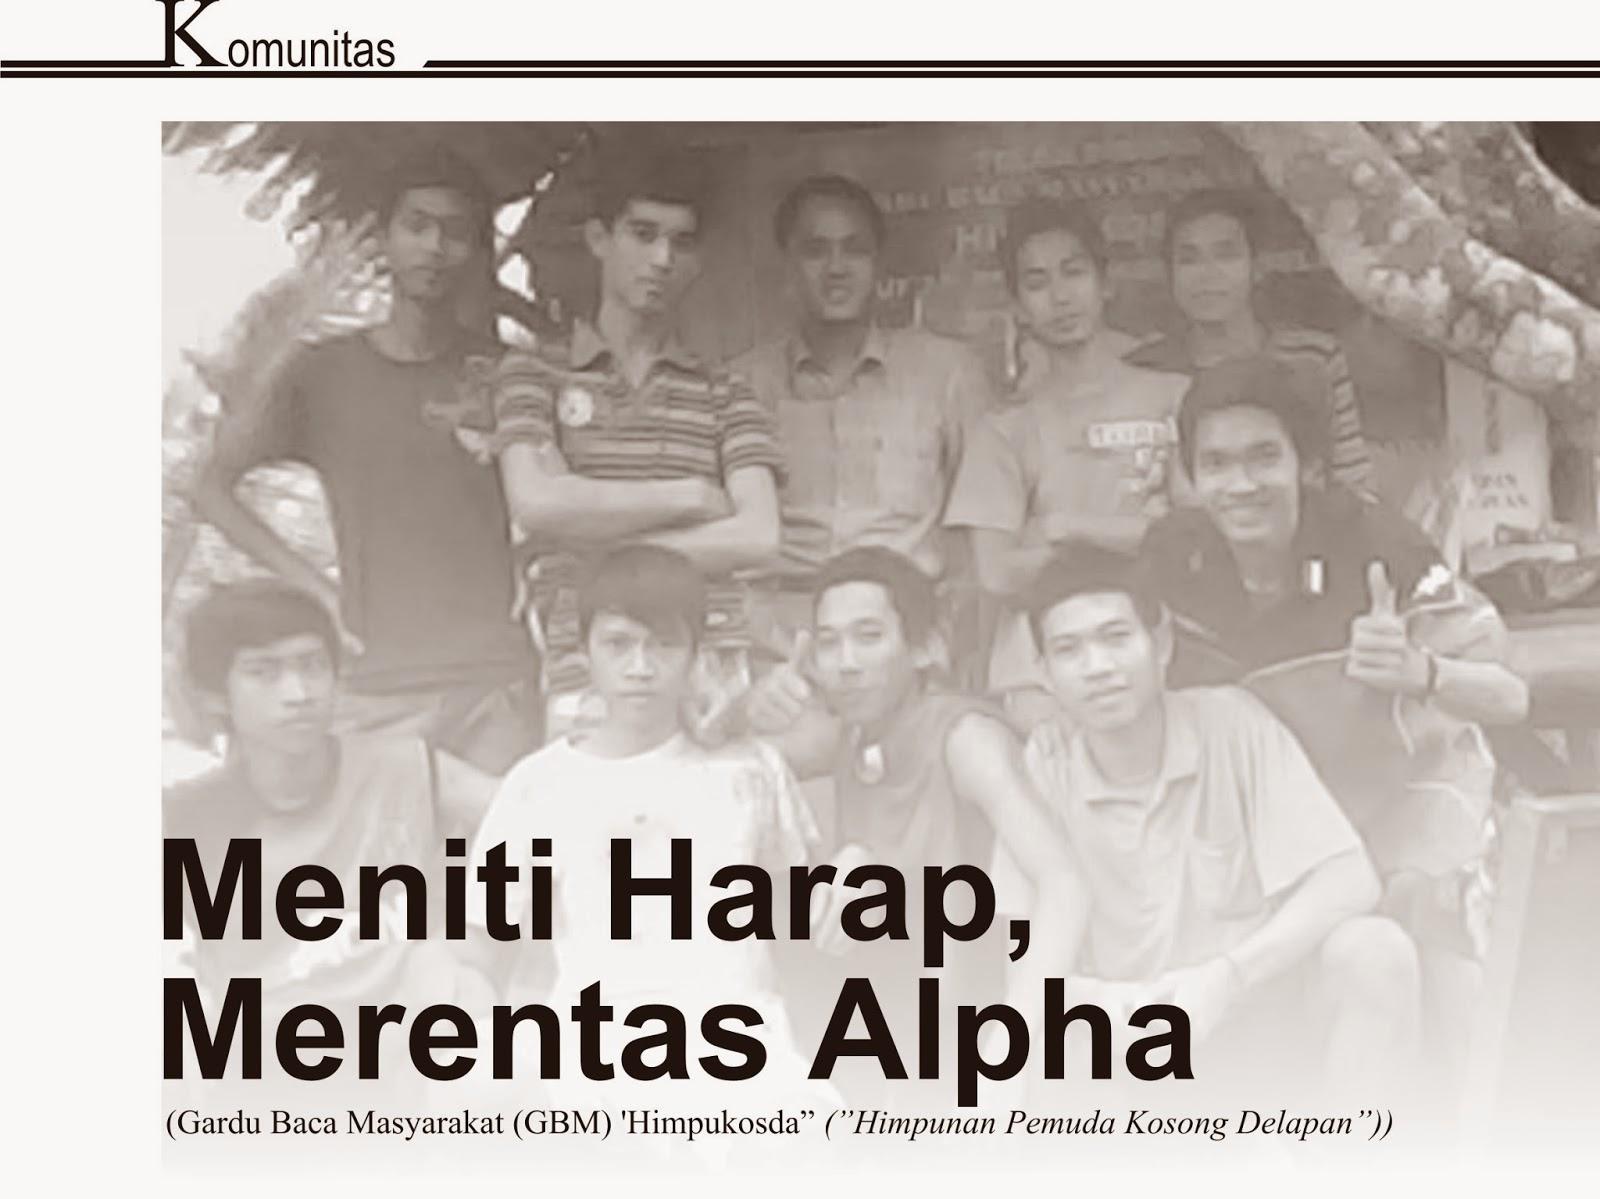 Gardu Baca MAsyarakat (GBM) 'Himpukosda' ('Himpunan Pemuda Kosong Delapan), komunitas Unik, Komunitas keren